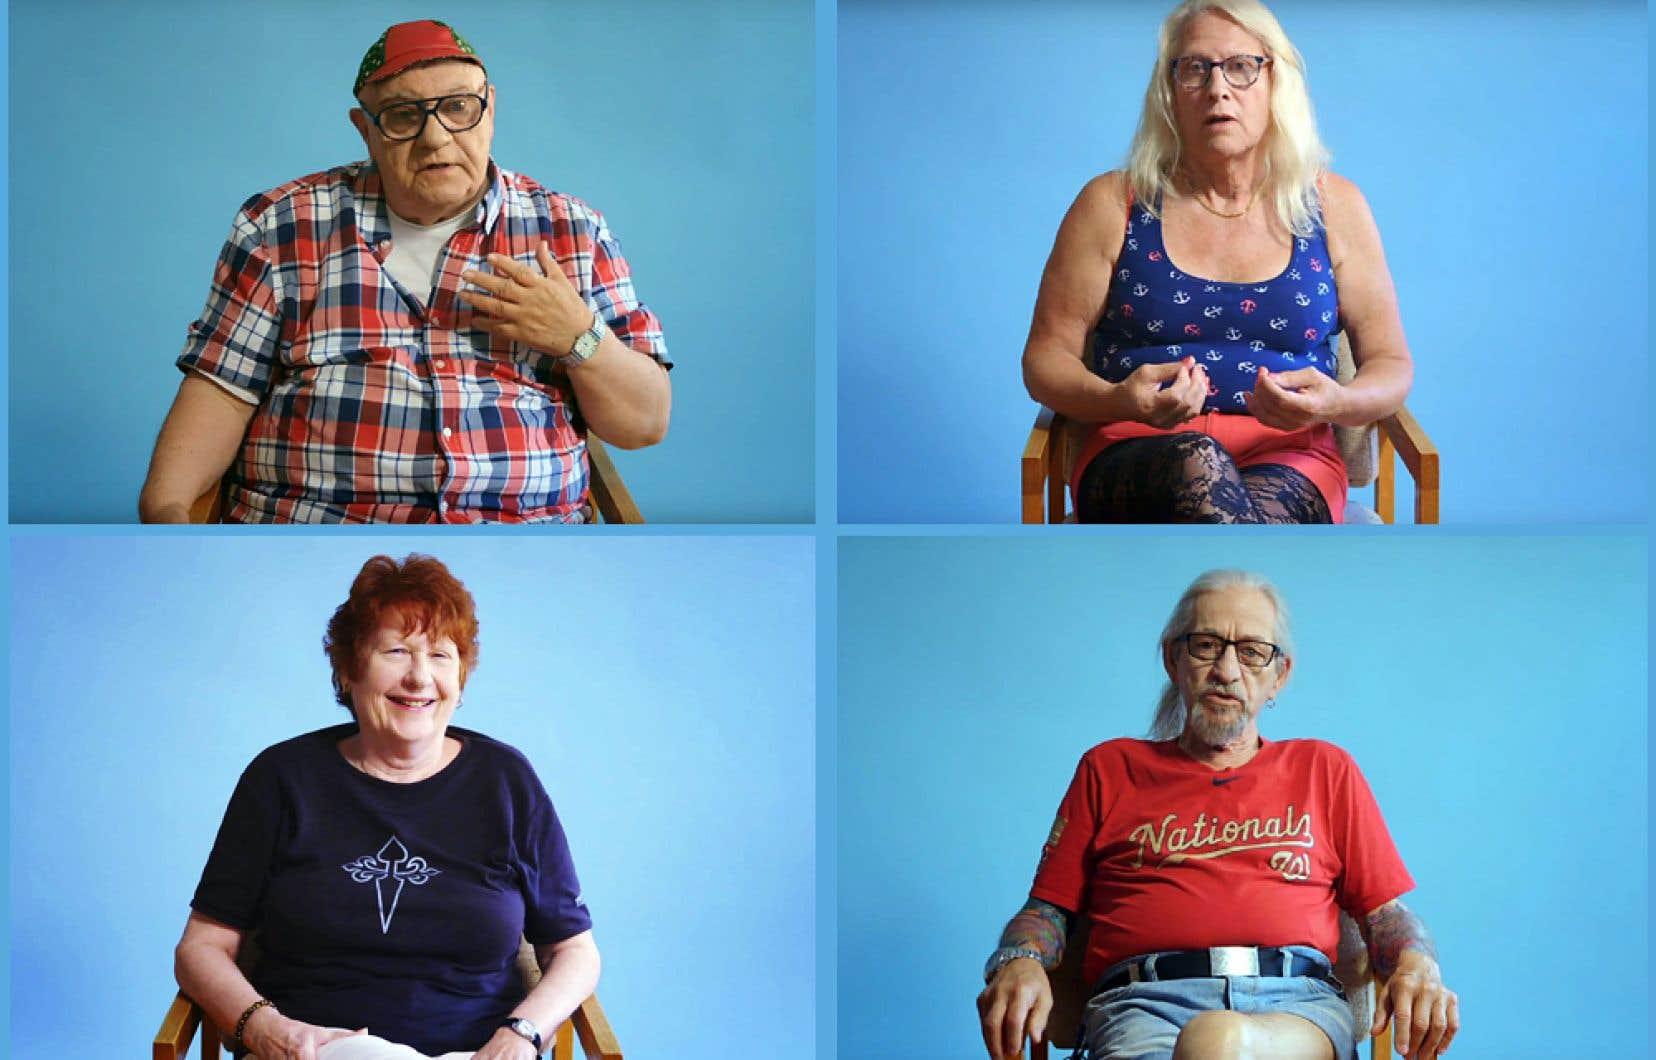 Royal (en haut à gauche), 74 ans, Chloé (en haut à droite), 70 ans, Diane, 72 ans, et Gérald, 73 ans, ont accepté de parler de leur sexualité dans des capsules vidéo qui seront diffusées sur le site Internet de l'organisme Les 3 sex* et sur les réseaux sociaux jusqu'en avril. Le but, dit l'organisme, est d'éveiller les consciences sur le fait que le sexe chez les aînés est vécu et apprécié et qu'il doit être assorti de droits.